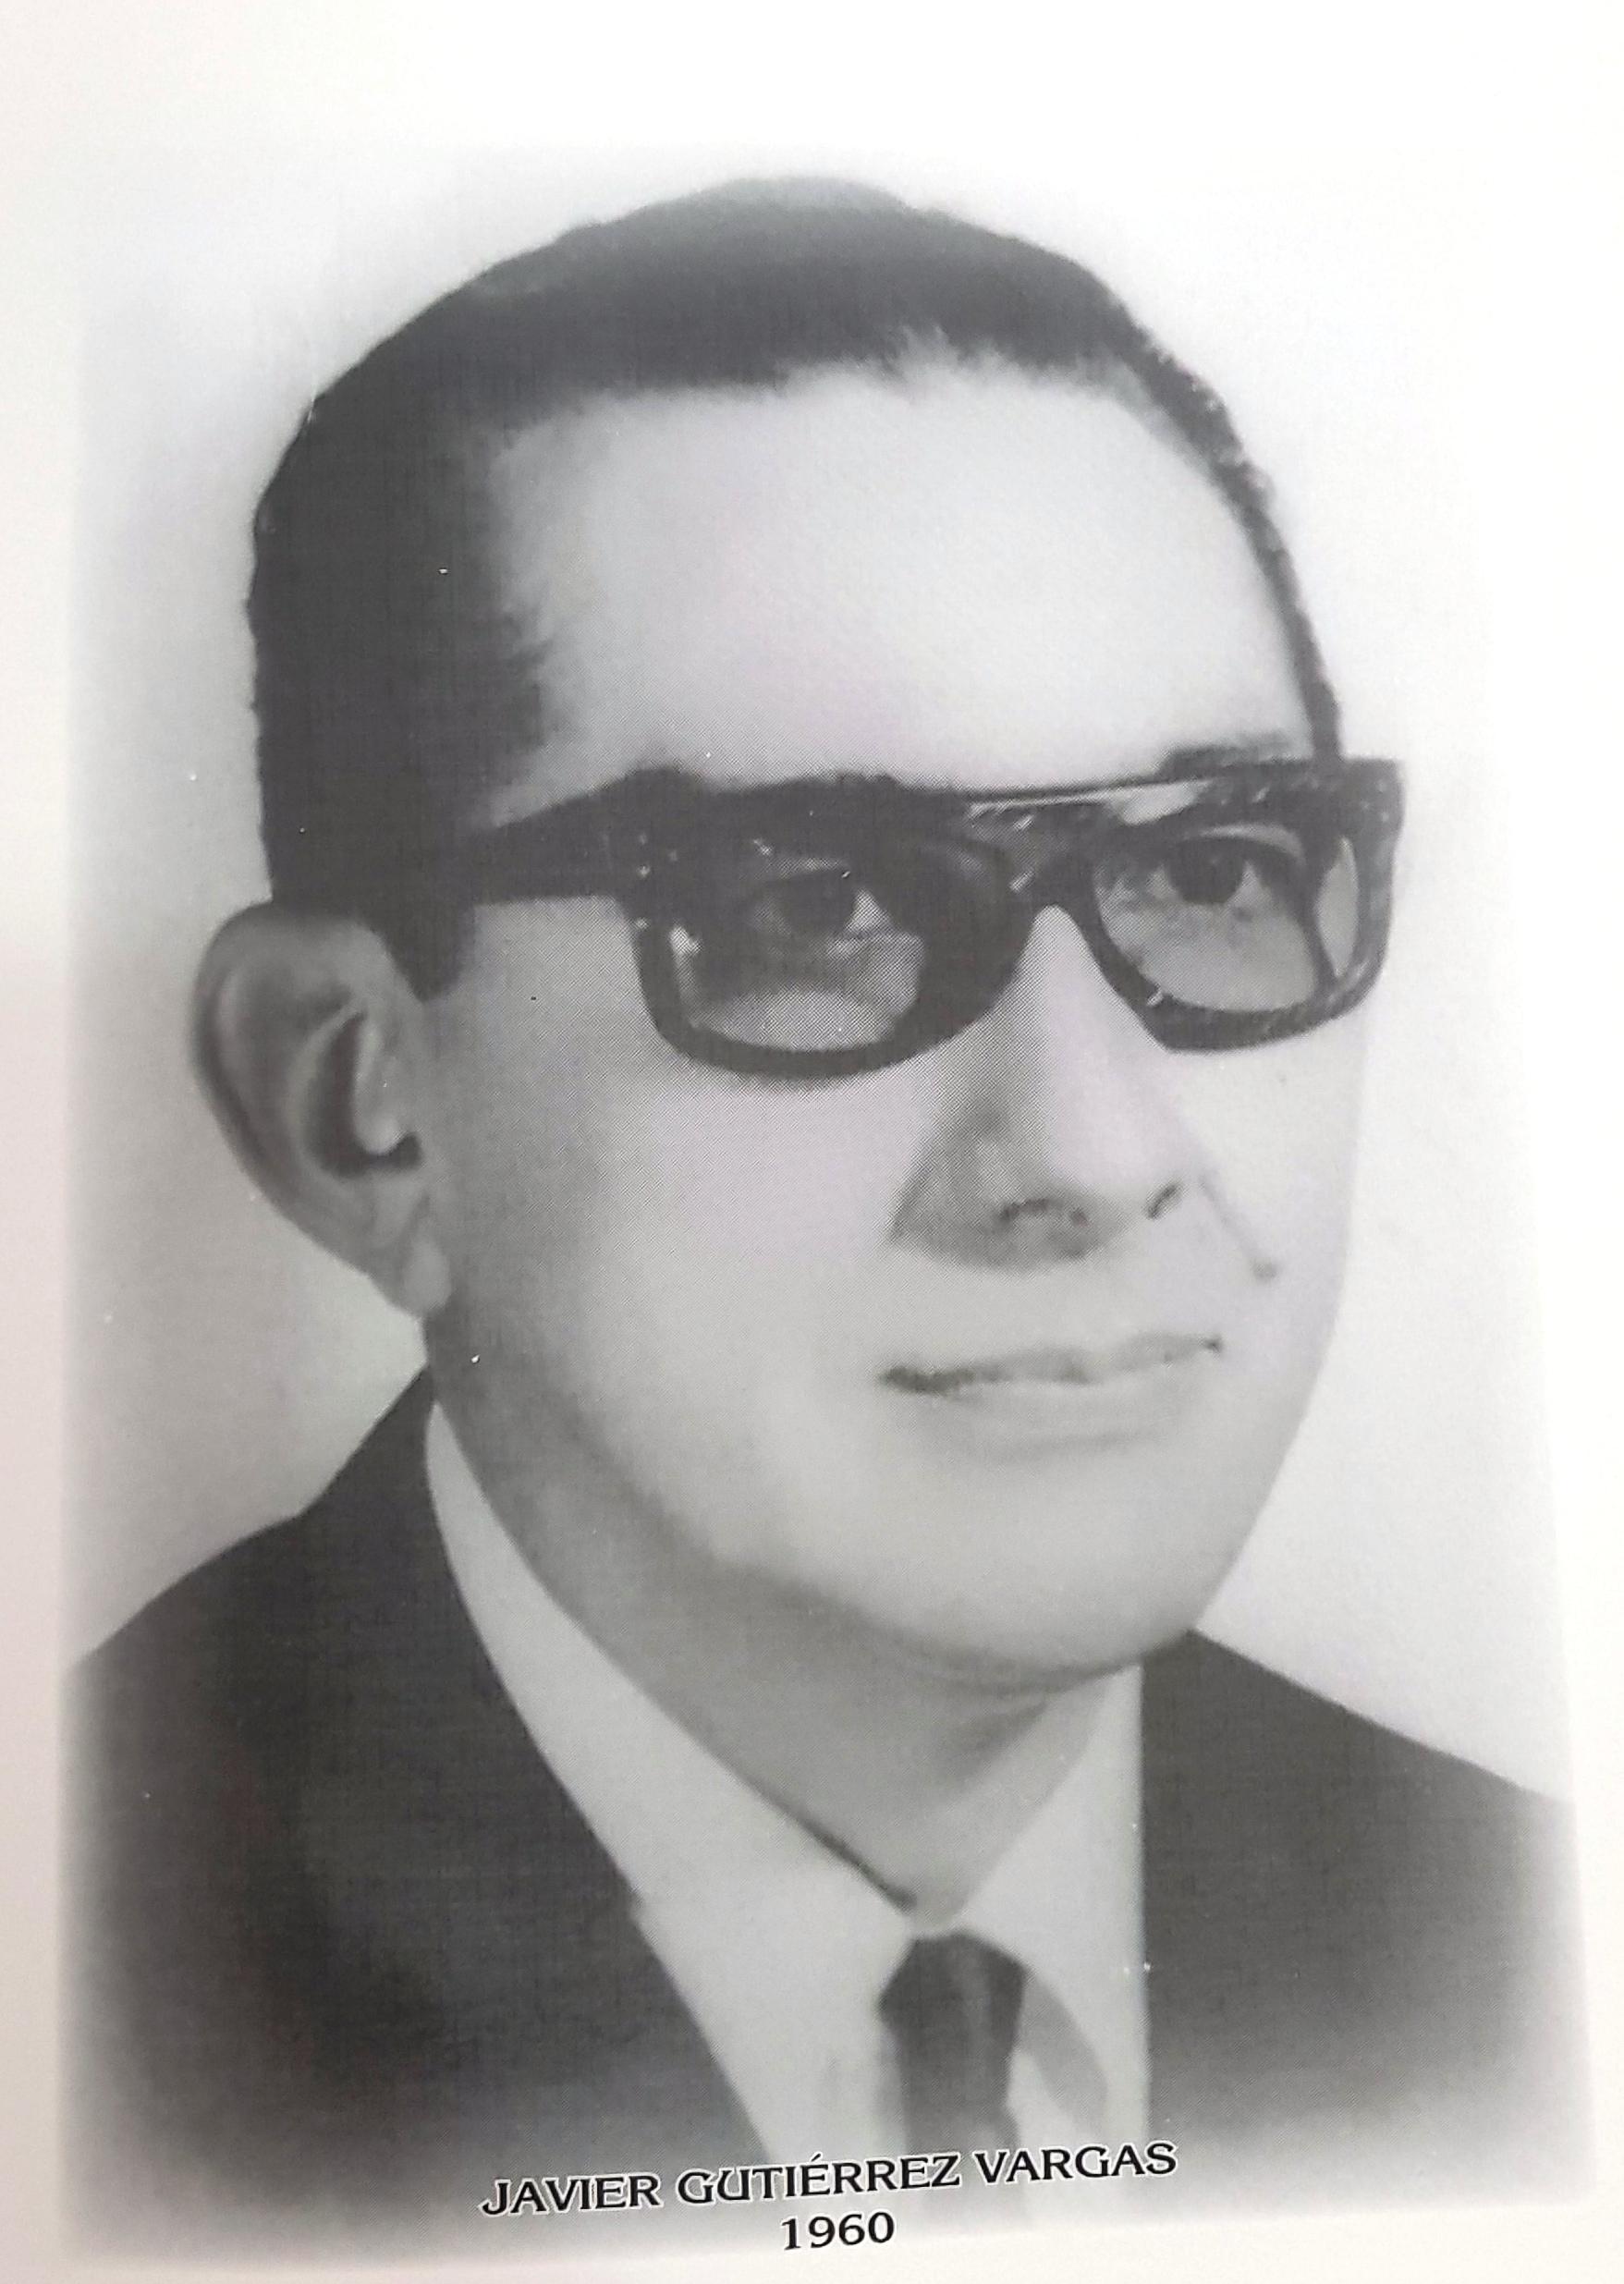 PRESIDENTE DE LA CÁMARA DE COMERCIO DE MÉRIDA SR. JAVIER GUTIERREZ VARGAS